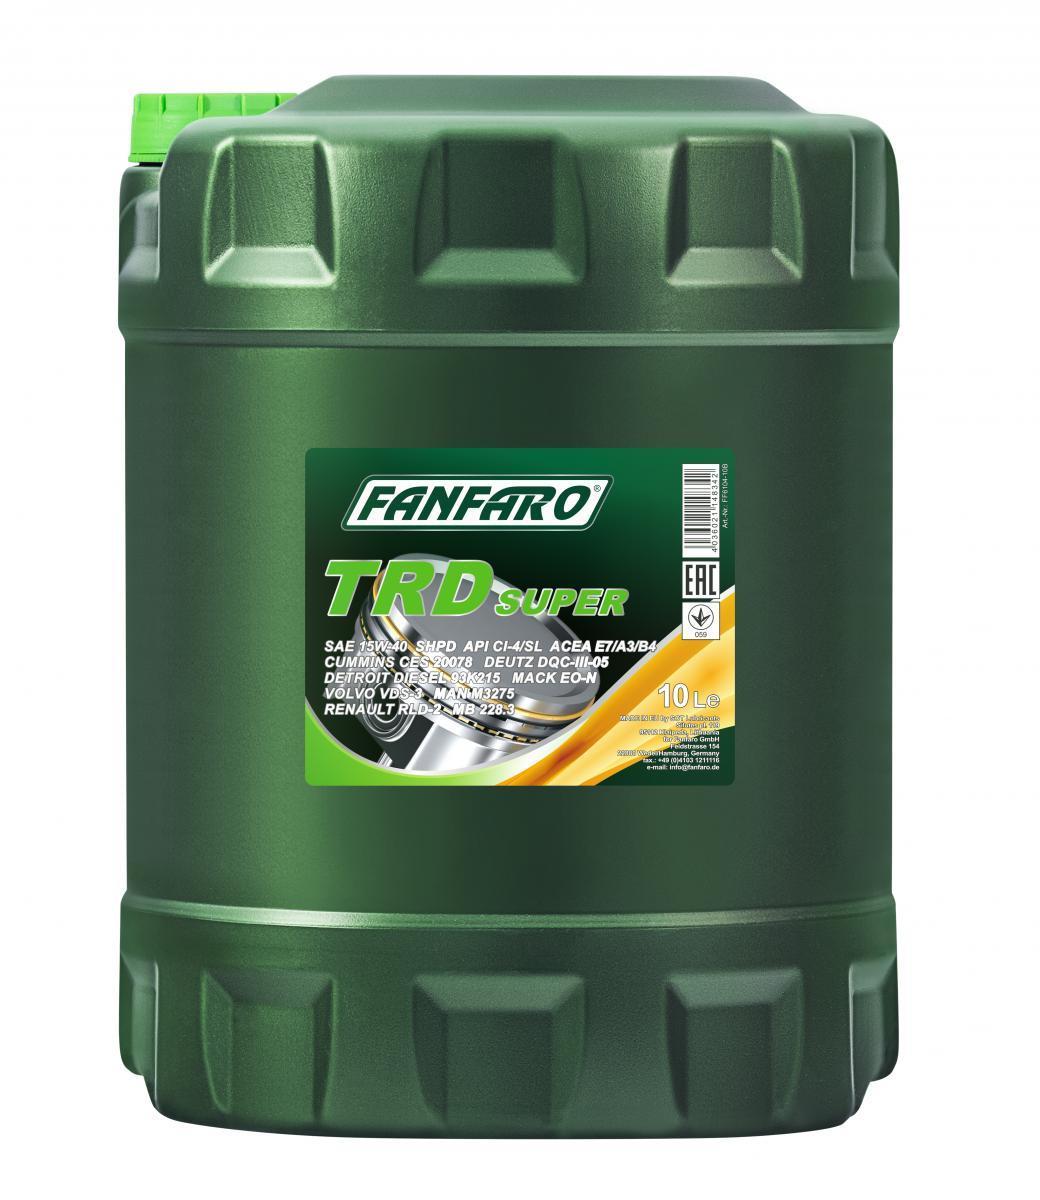 FF6104-10 FANFARO SHPD, TRD Super 15W-40, 10l Motoröl FF6104-10 günstig kaufen